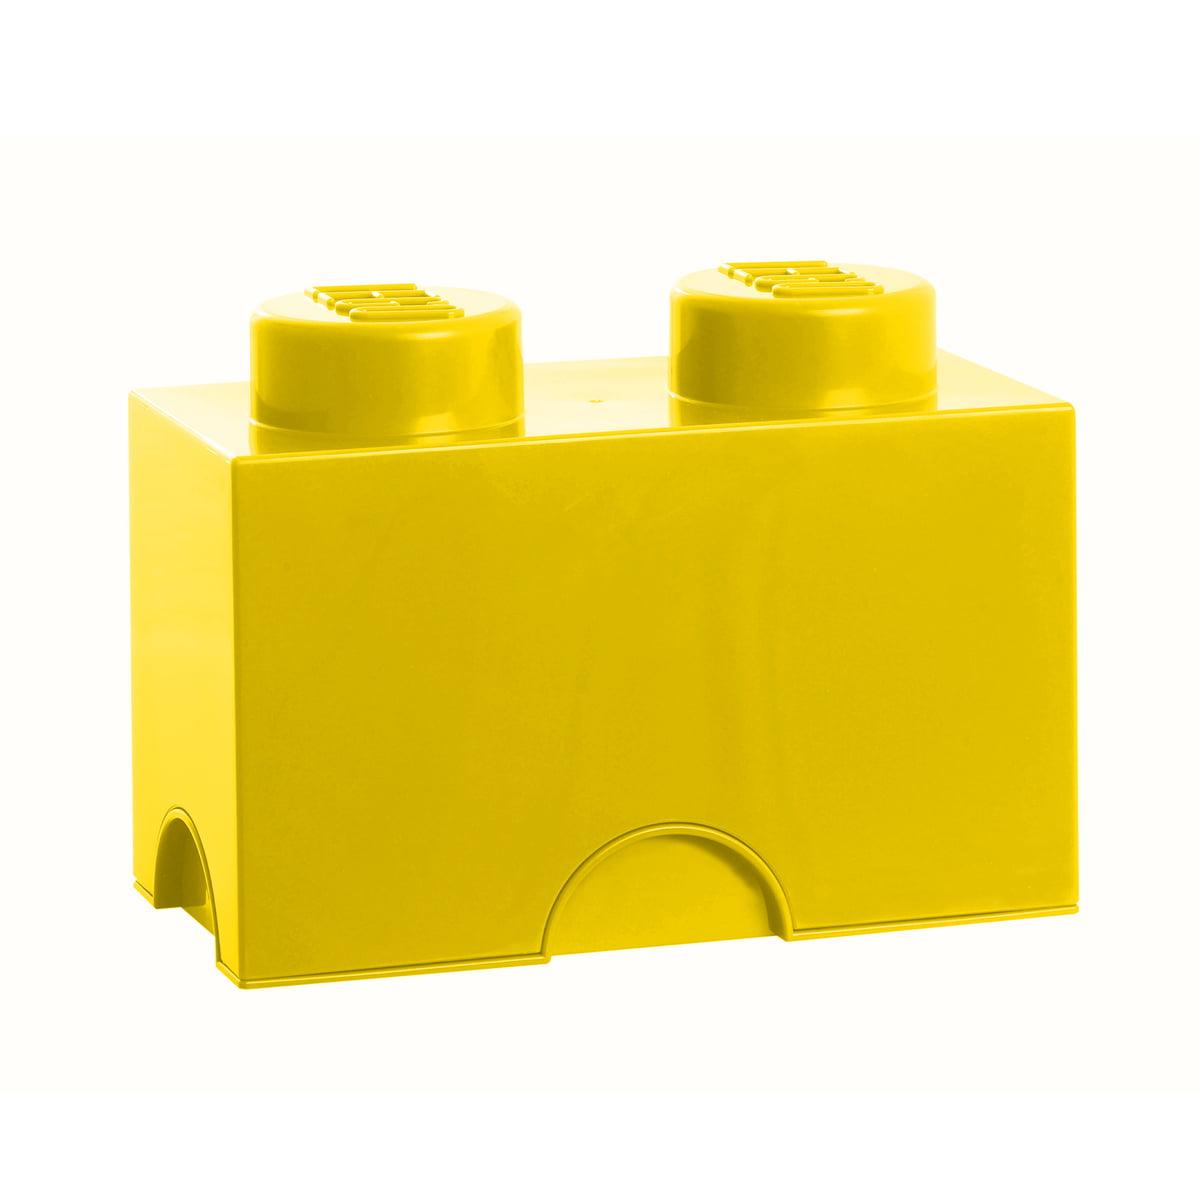 Lego - Storage Brick 2, gelb   Kinderzimmer > Spielzeuge > Sonstige Spielzeuge   Gelb   Kunststoff   Lego